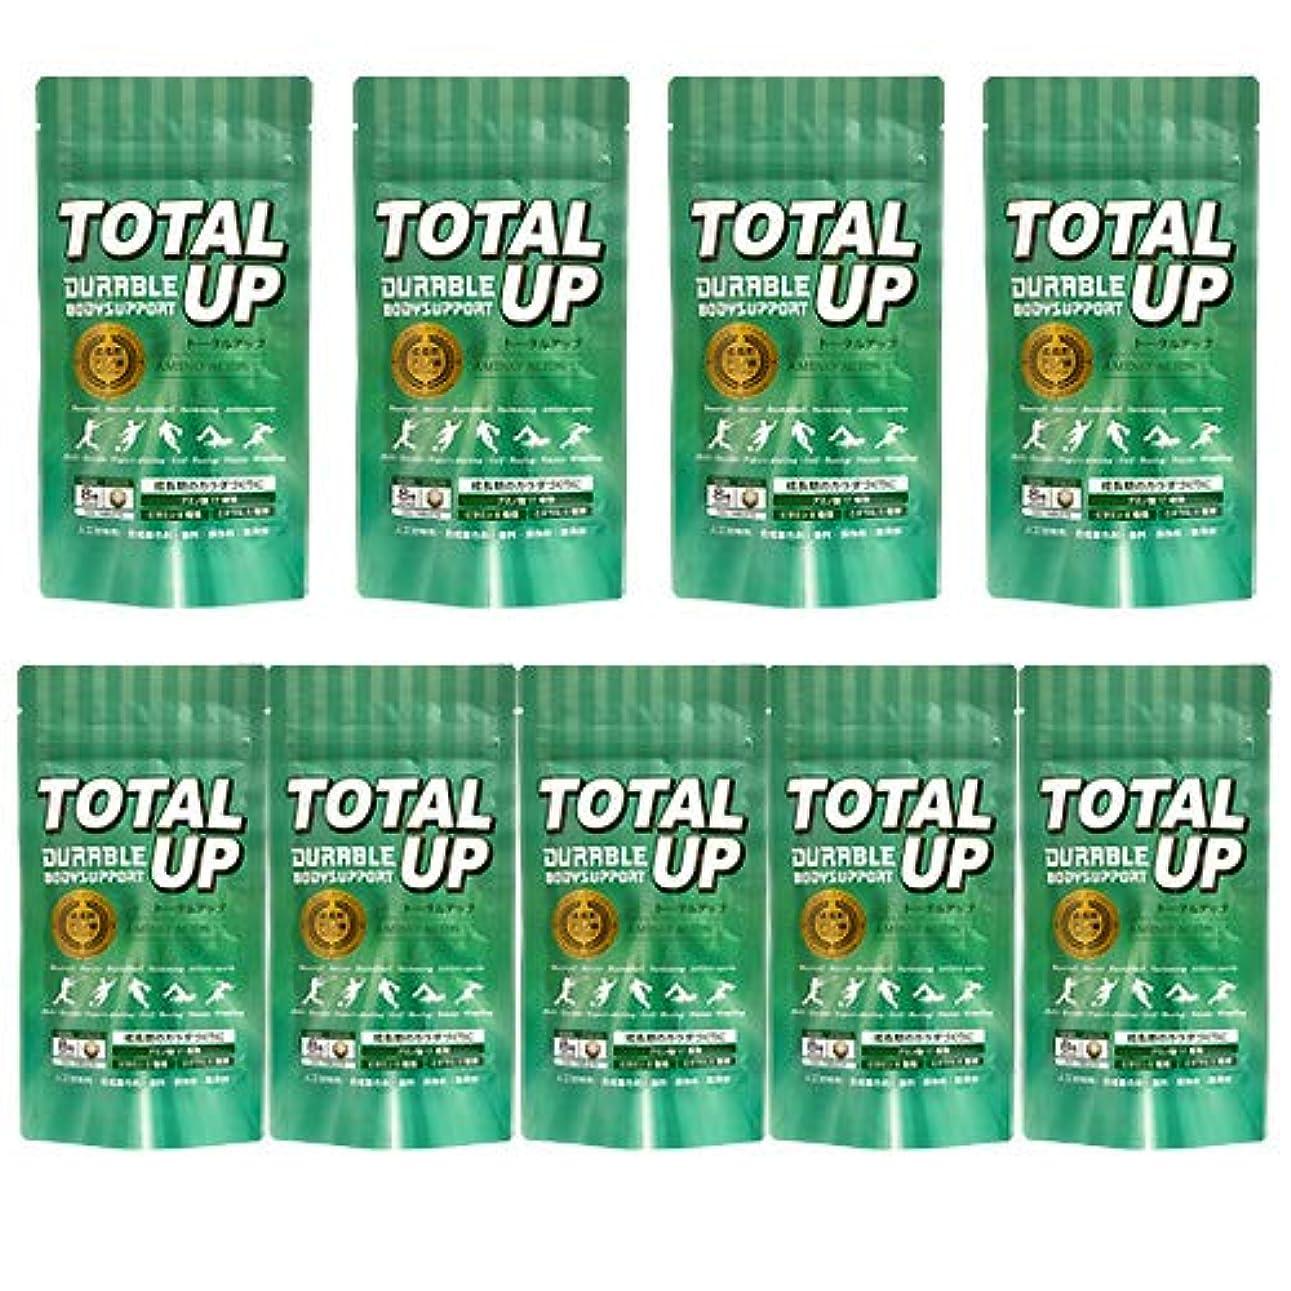 身長サポート TOTAL UP(240粒×9袋) アルギニンを始め17種類のアミノ酸を高配合した成長サポートサプリメント